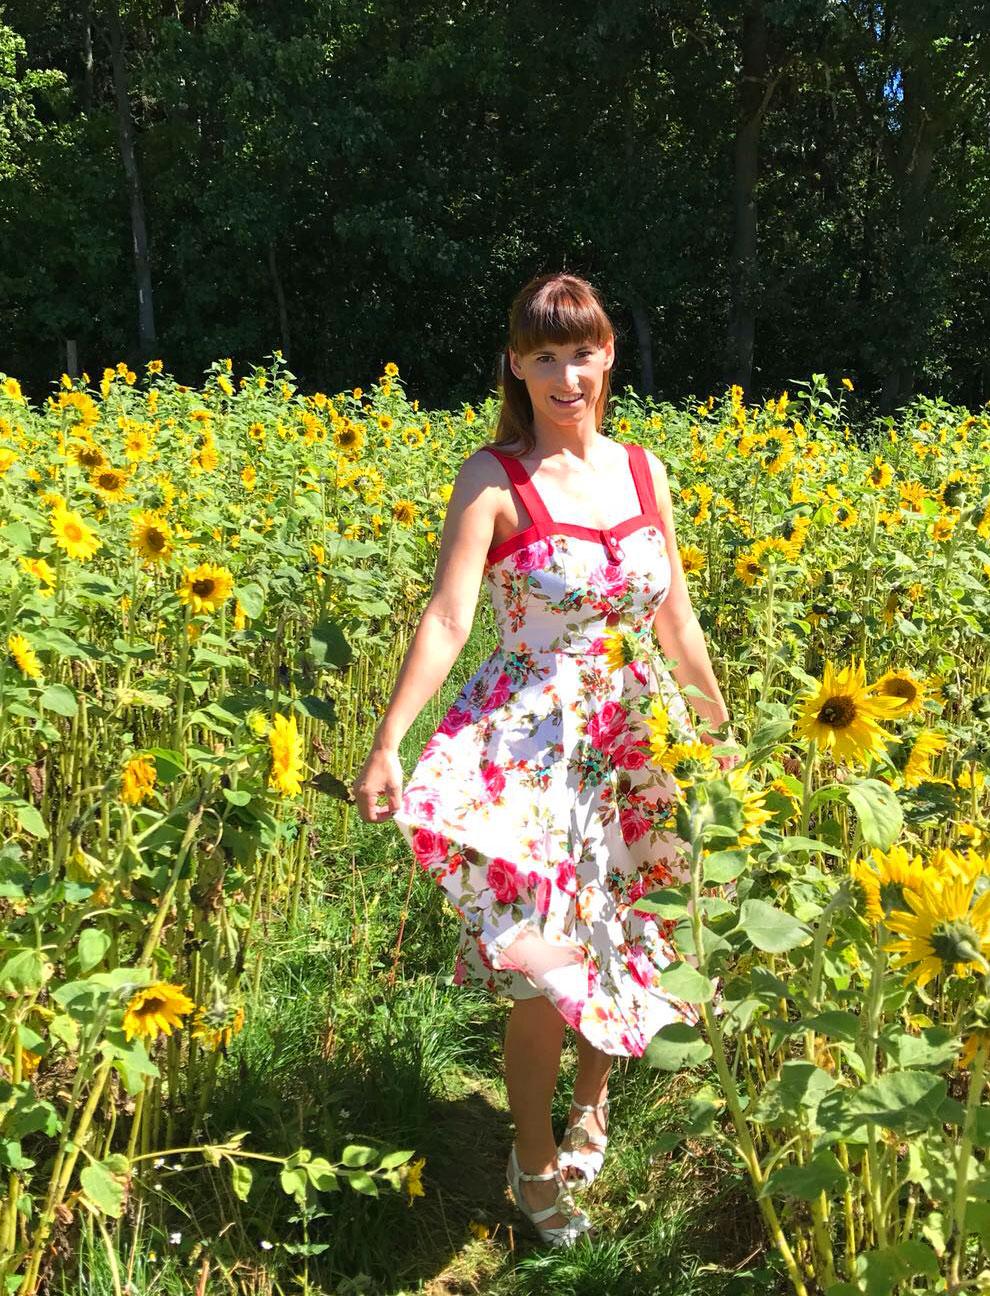 Kleid mit Blüten-Prints: Kleid von vintage.de, weisse Sandallen von Guess